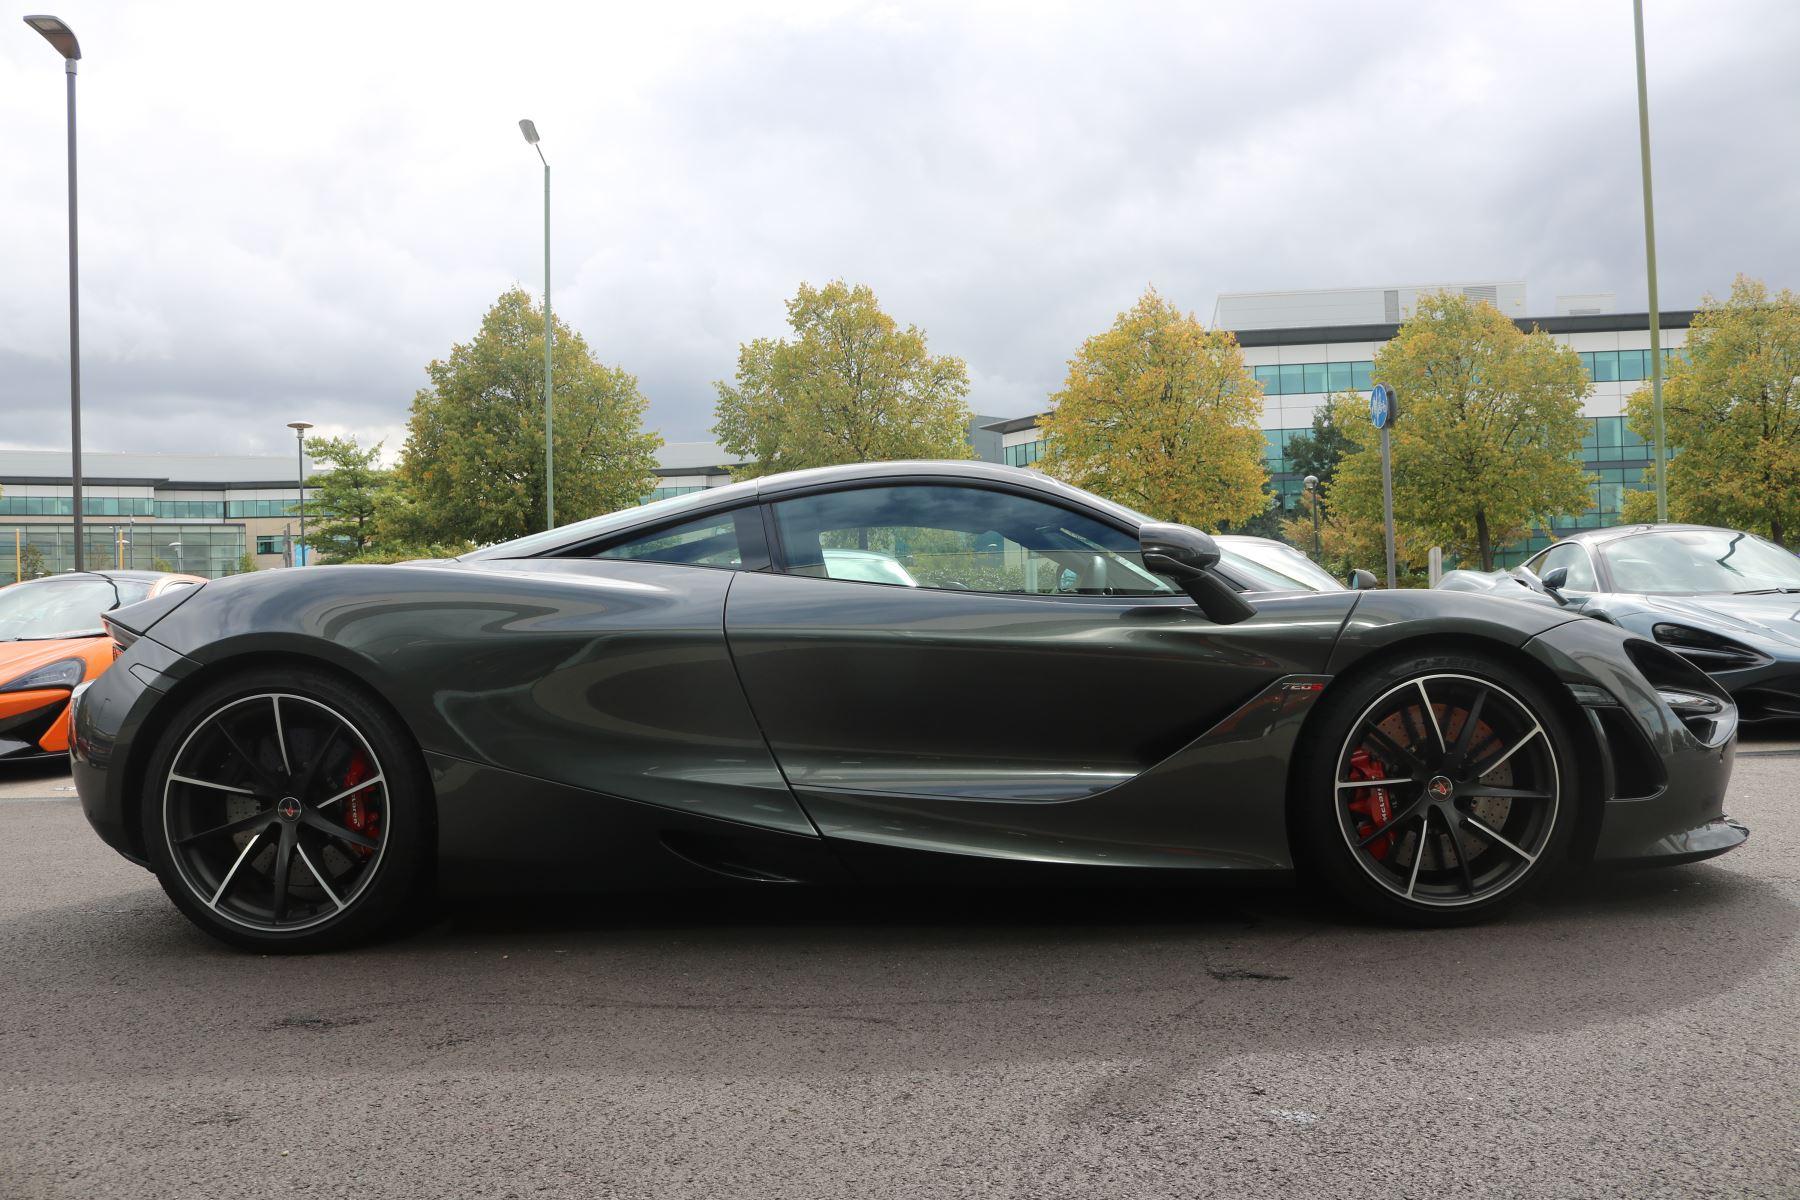 McLaren 720S Performance image 2